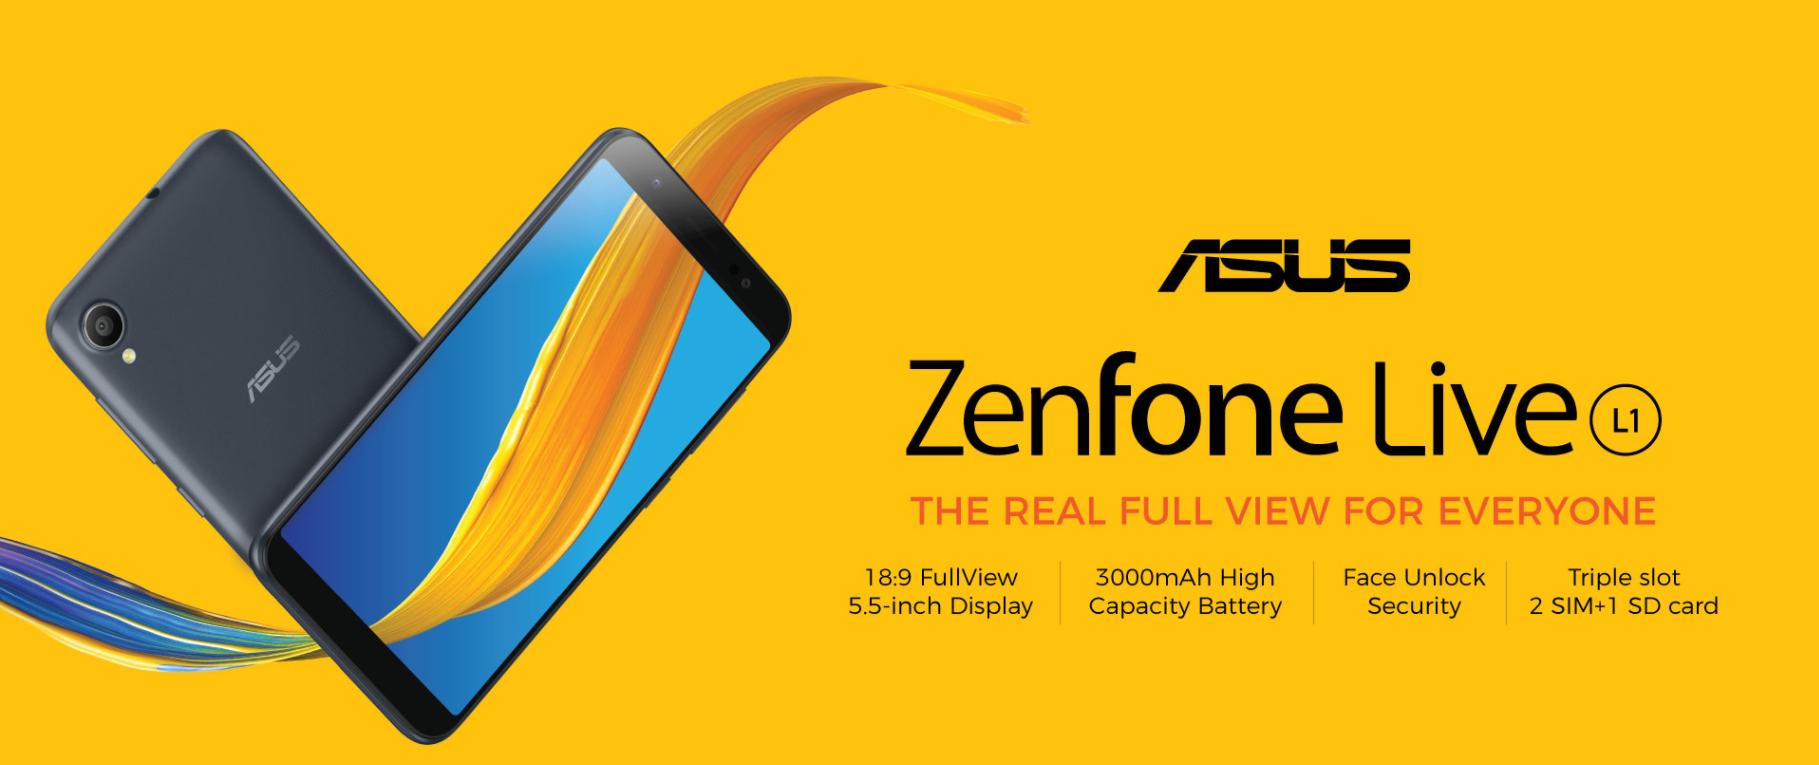 Новинка ASUS Zenfone Live L1 получила операционку Android Go и ценник в 110 долларов США - изображение